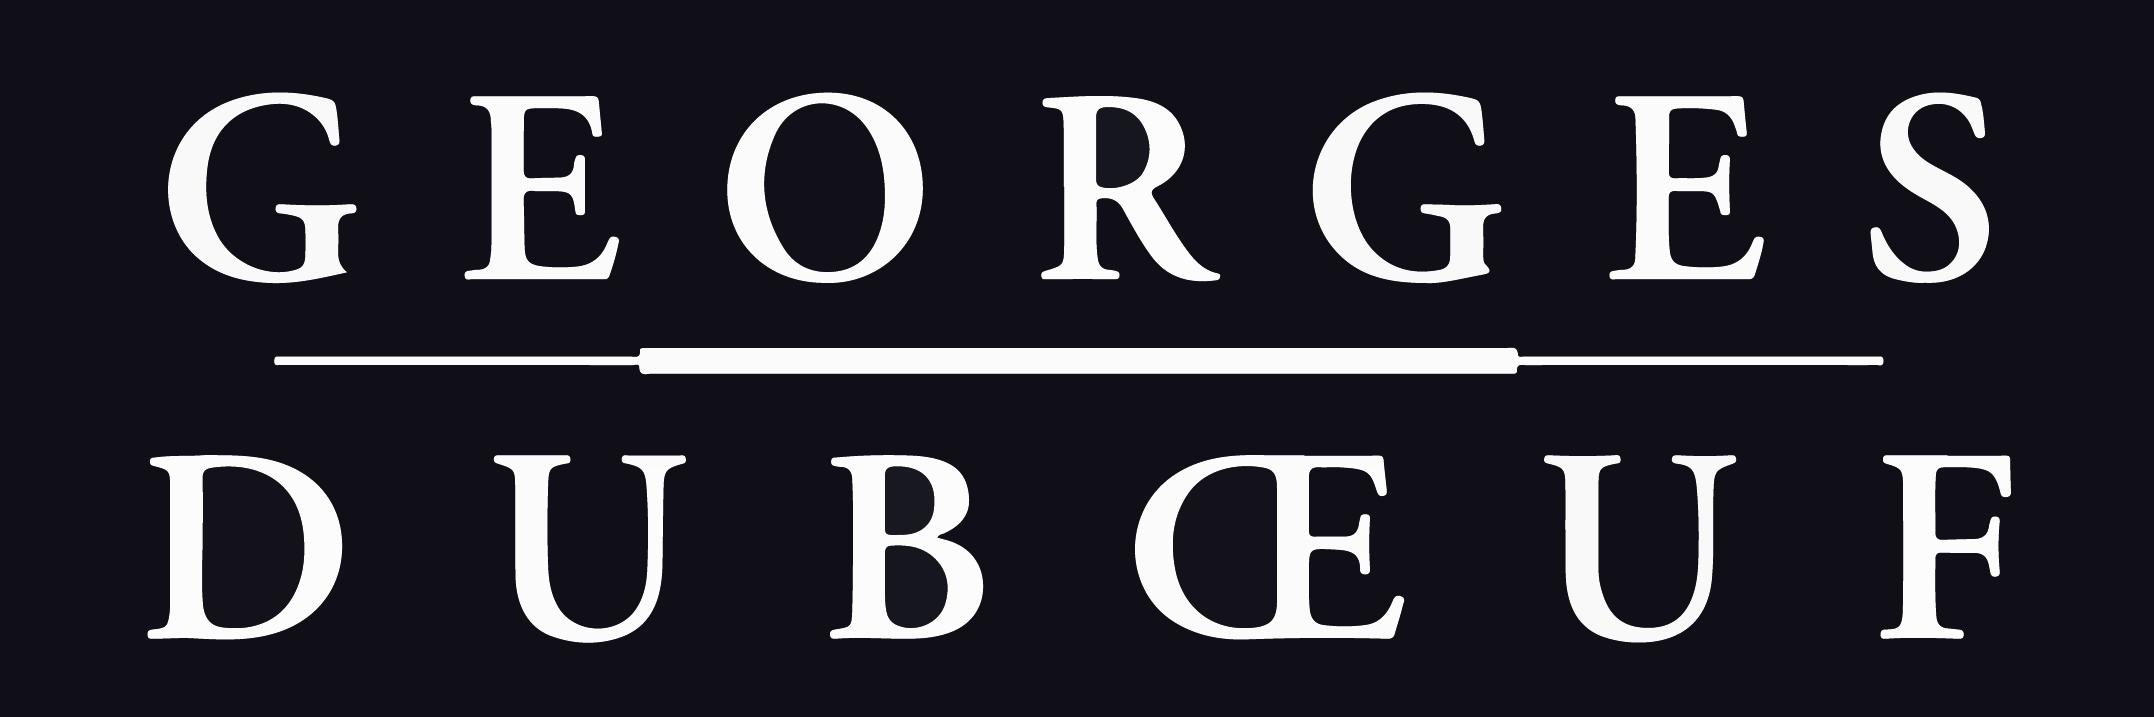 images partner